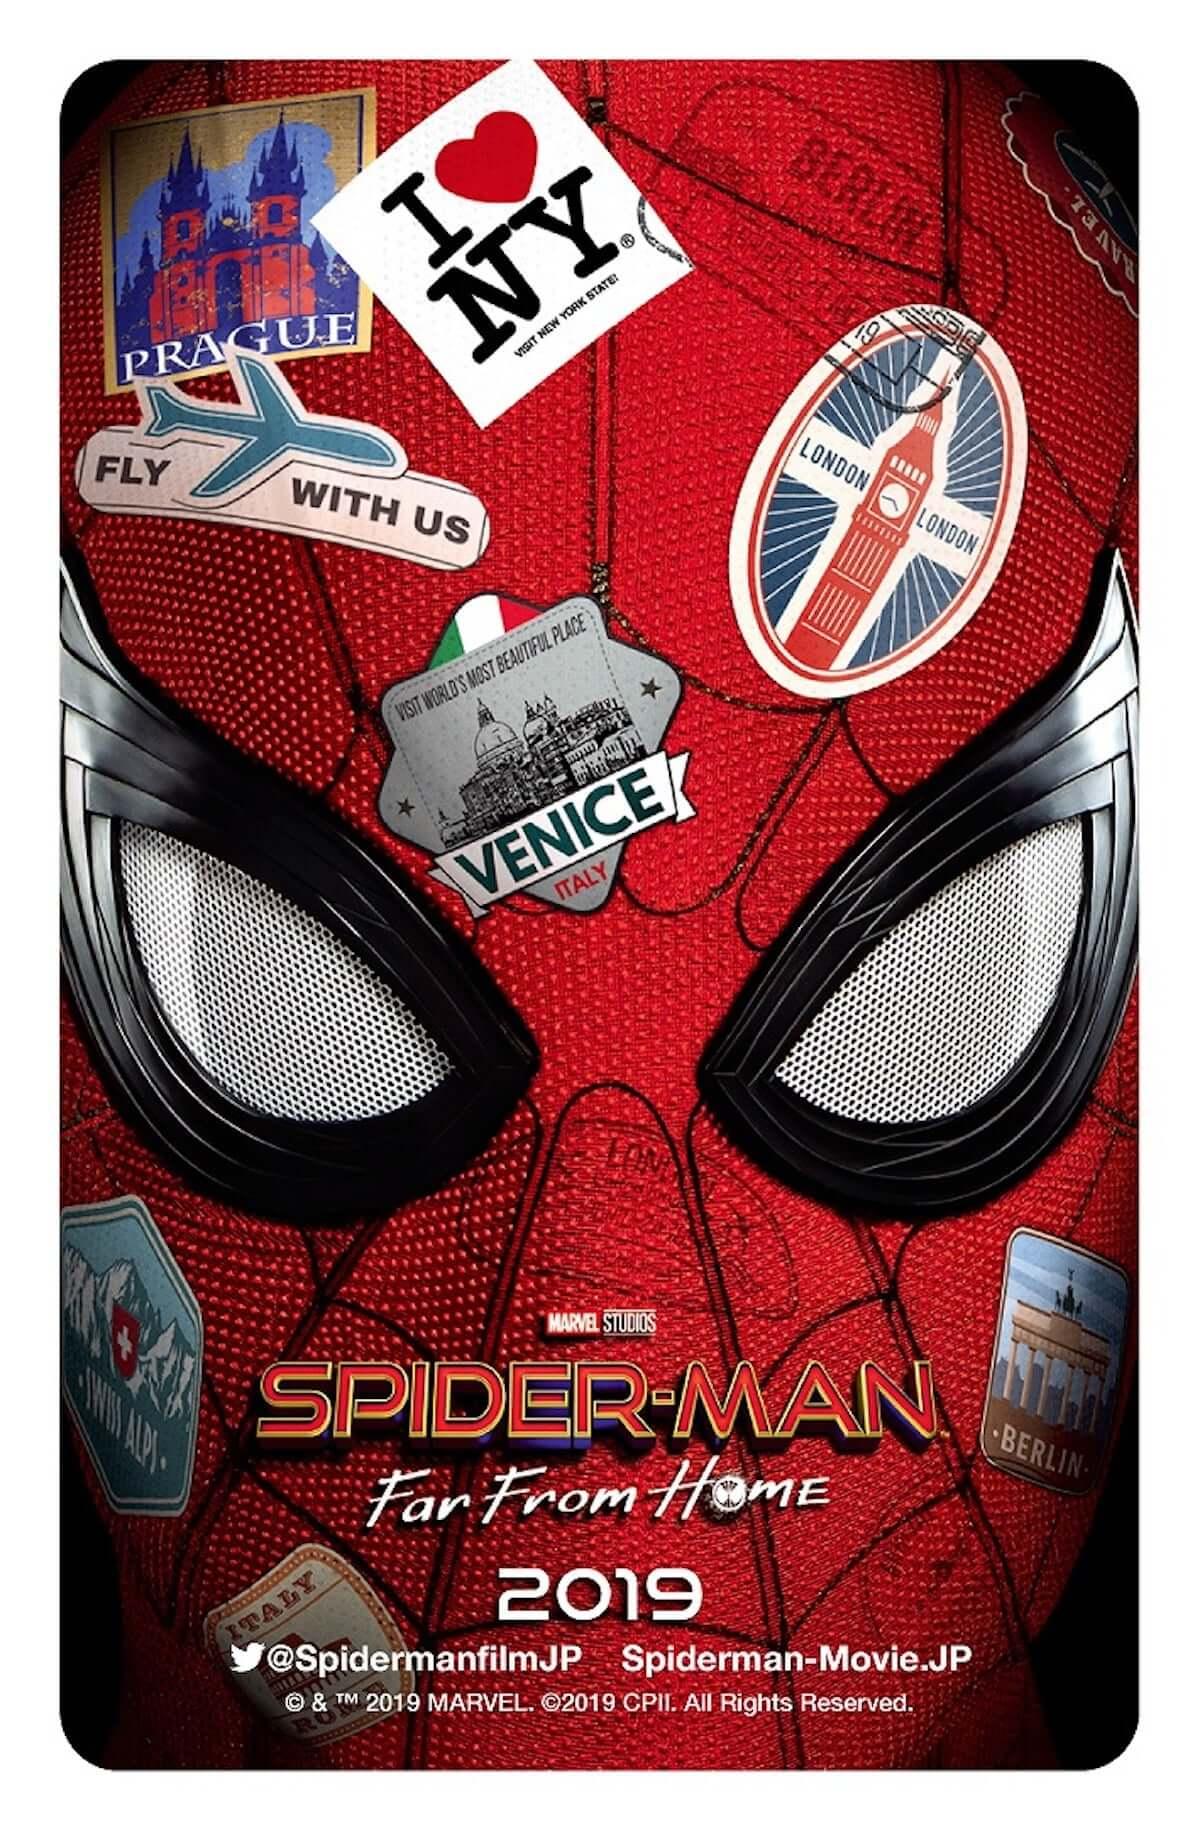 『スパイダーマン:ファー・フロム・ホーム』の日本版予告とポスター解禁!さらにティザーチラシも film190221_spiderman_3-1200x1831